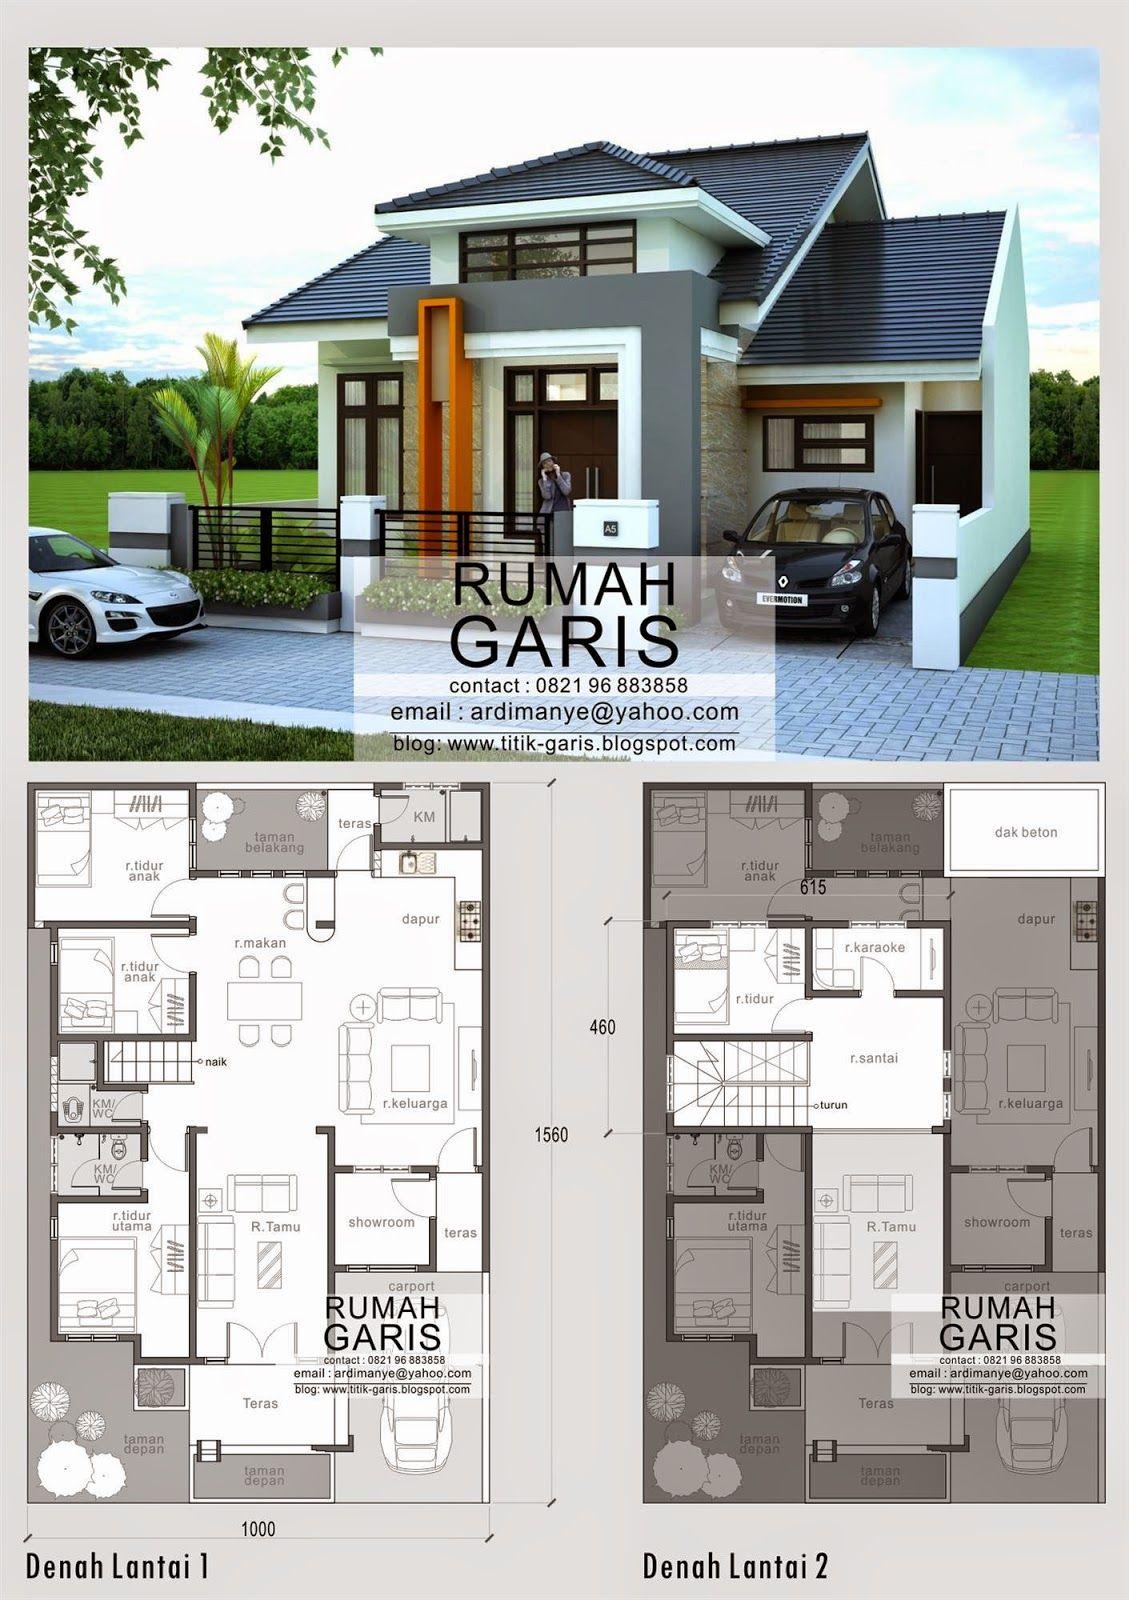 Desain Model Denah Dan Tampak Rumah 2 Lantai Di Makassar Rumah